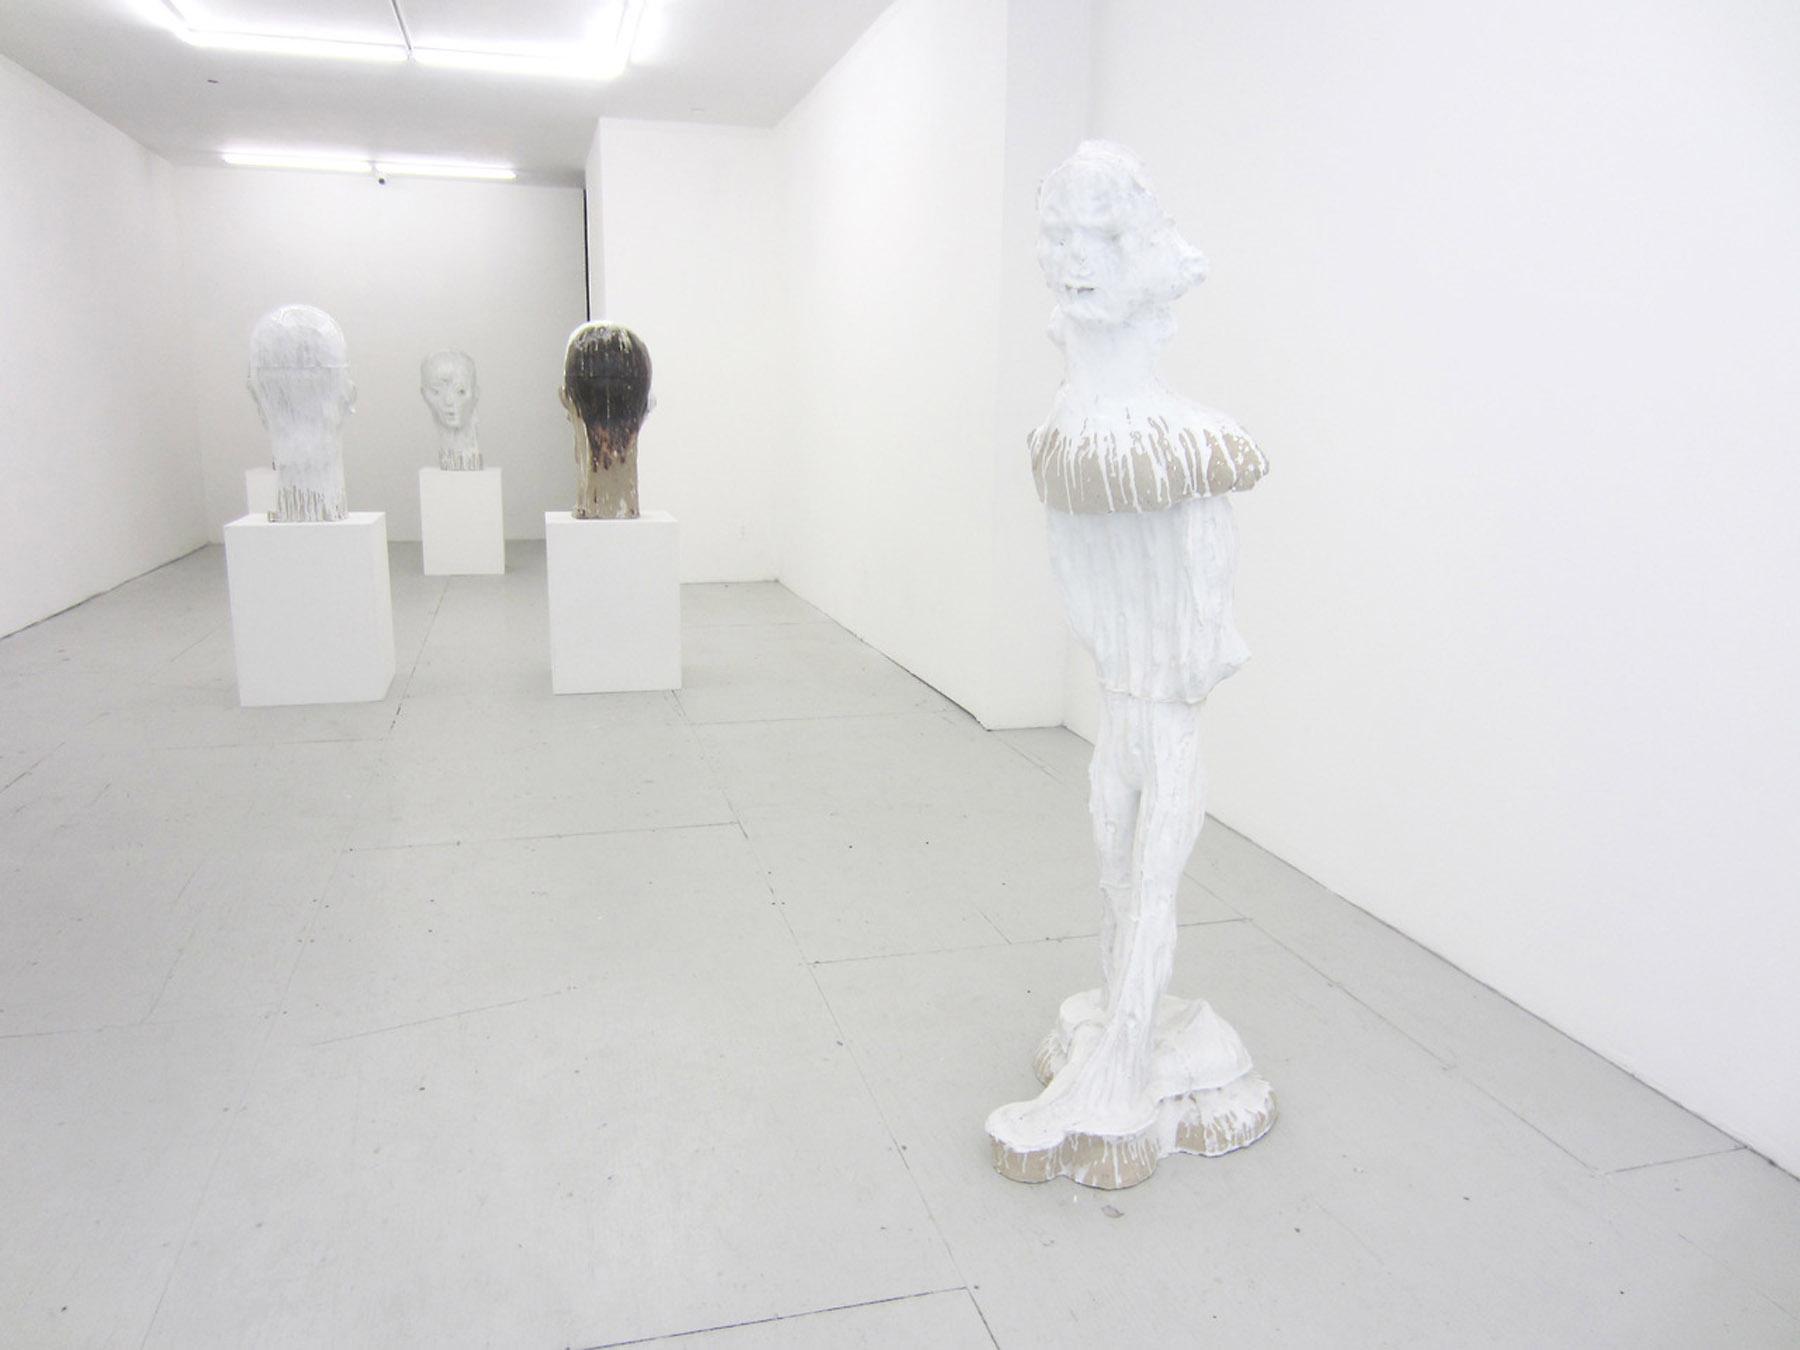 Installation View (Almond, 2010)